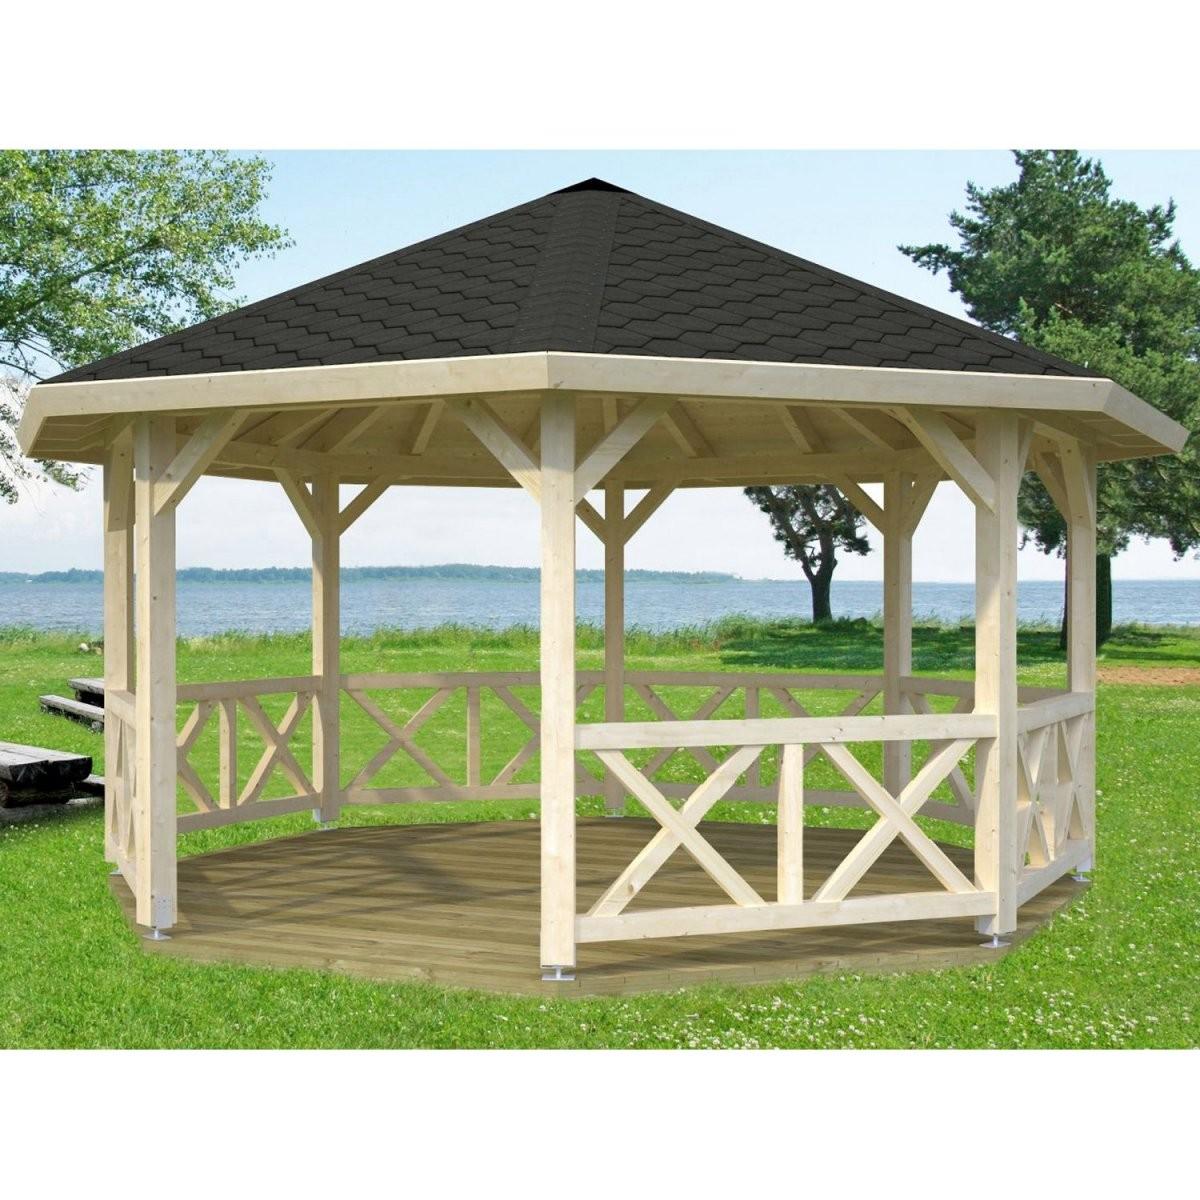 Gartenlauben  Holzpavillons Online Kaufen Bei Obi  Obi von Holz Pavillon 6 Eckig Photo